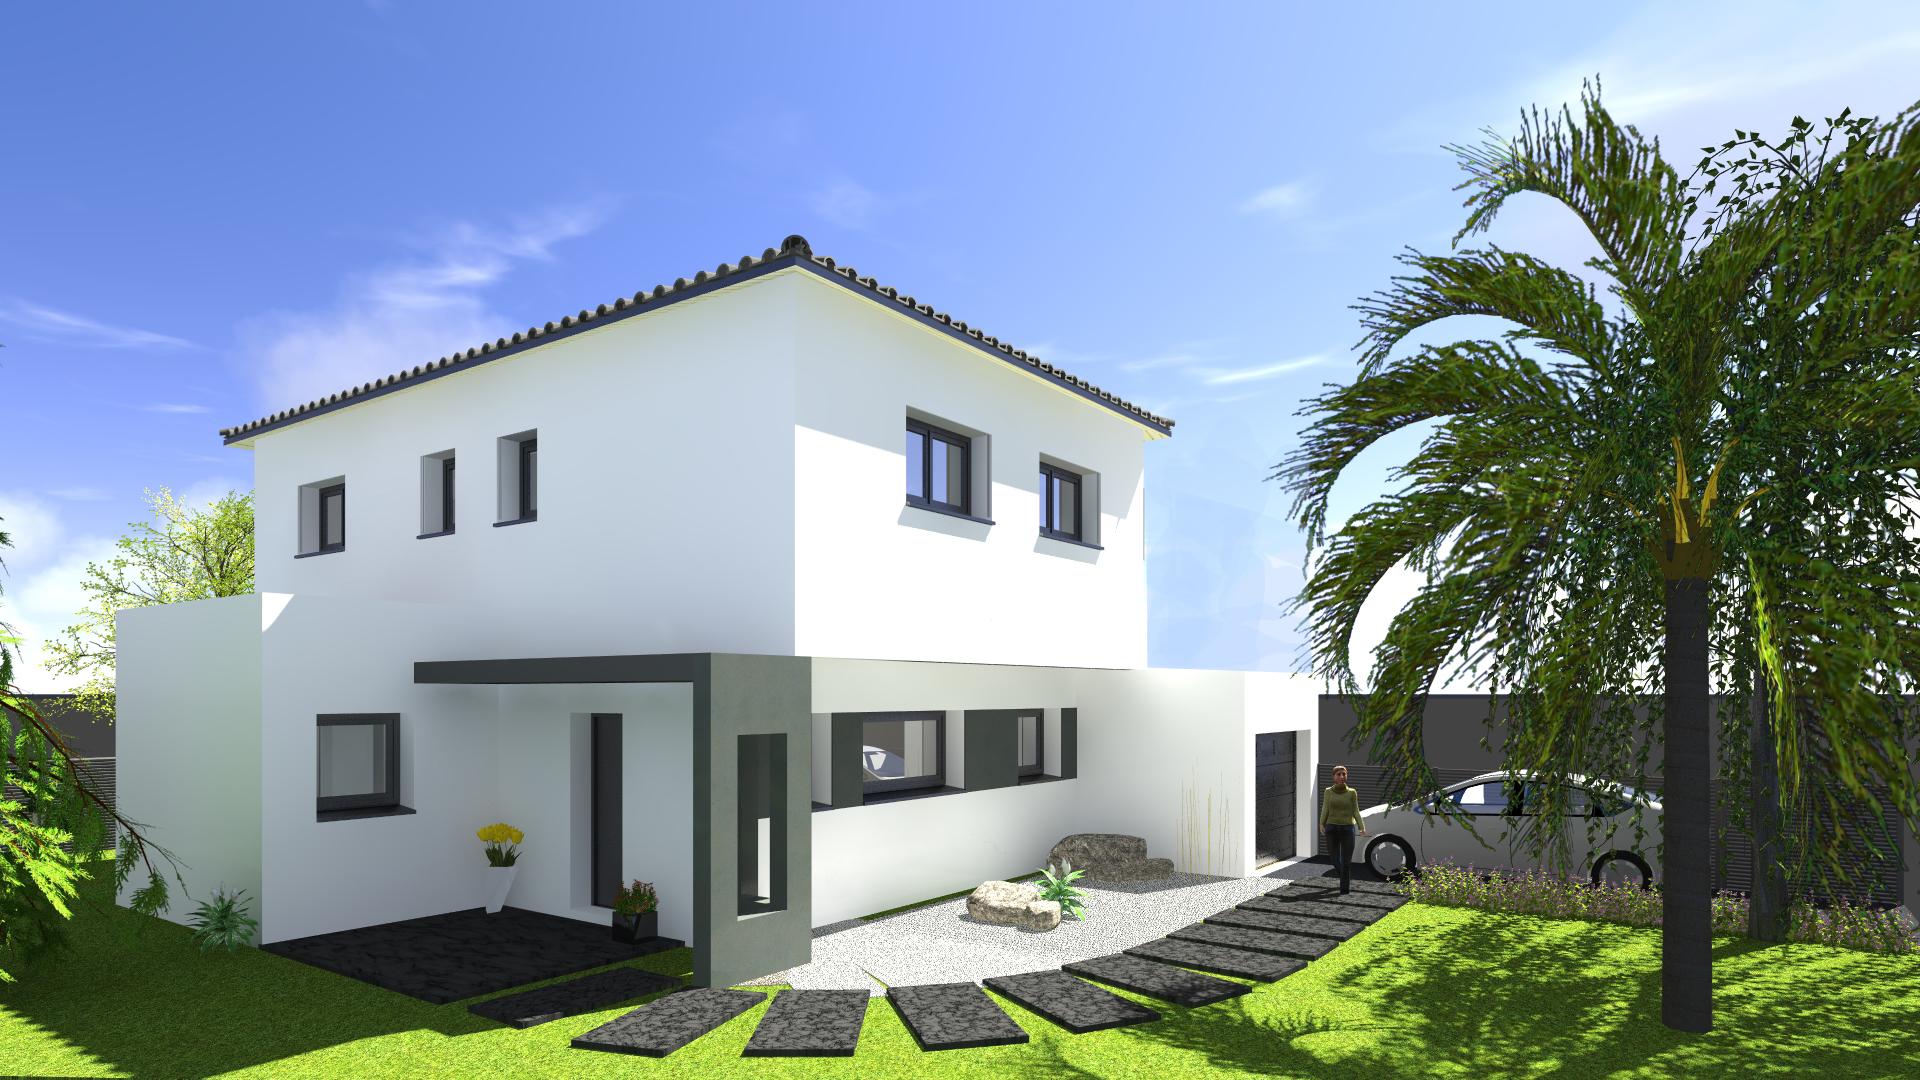 Maisons + Terrains du constructeur VILLAS SUD CREATION • 130 m² • PECHBUSQUE